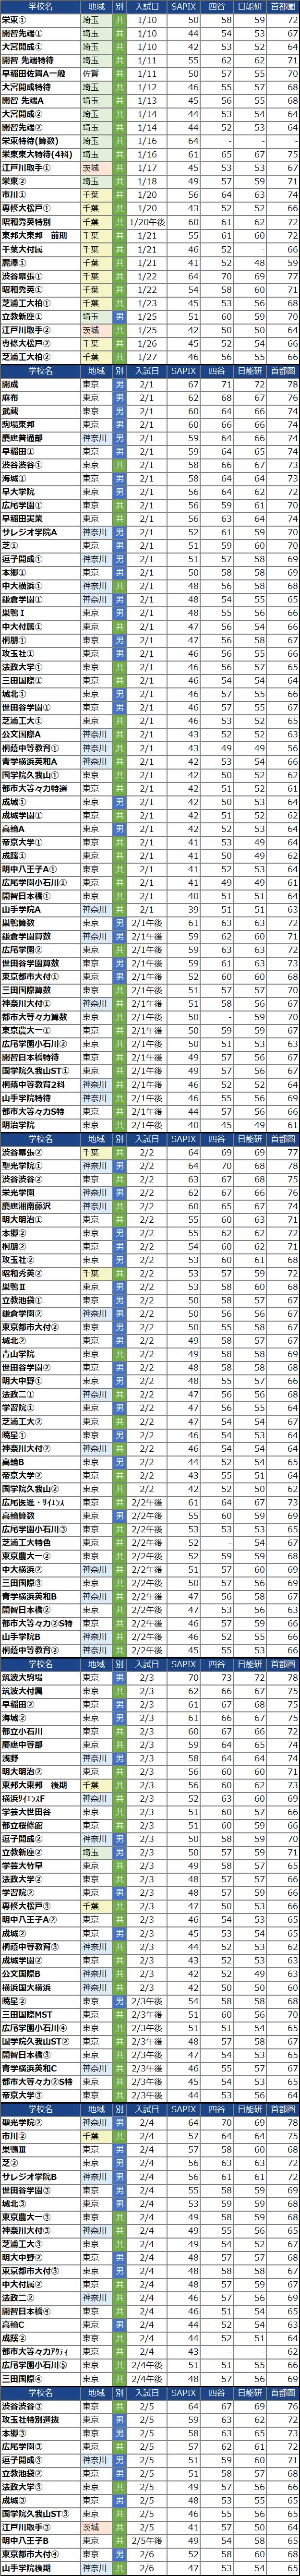 入試日付順の男子校偏差値(2022年度)